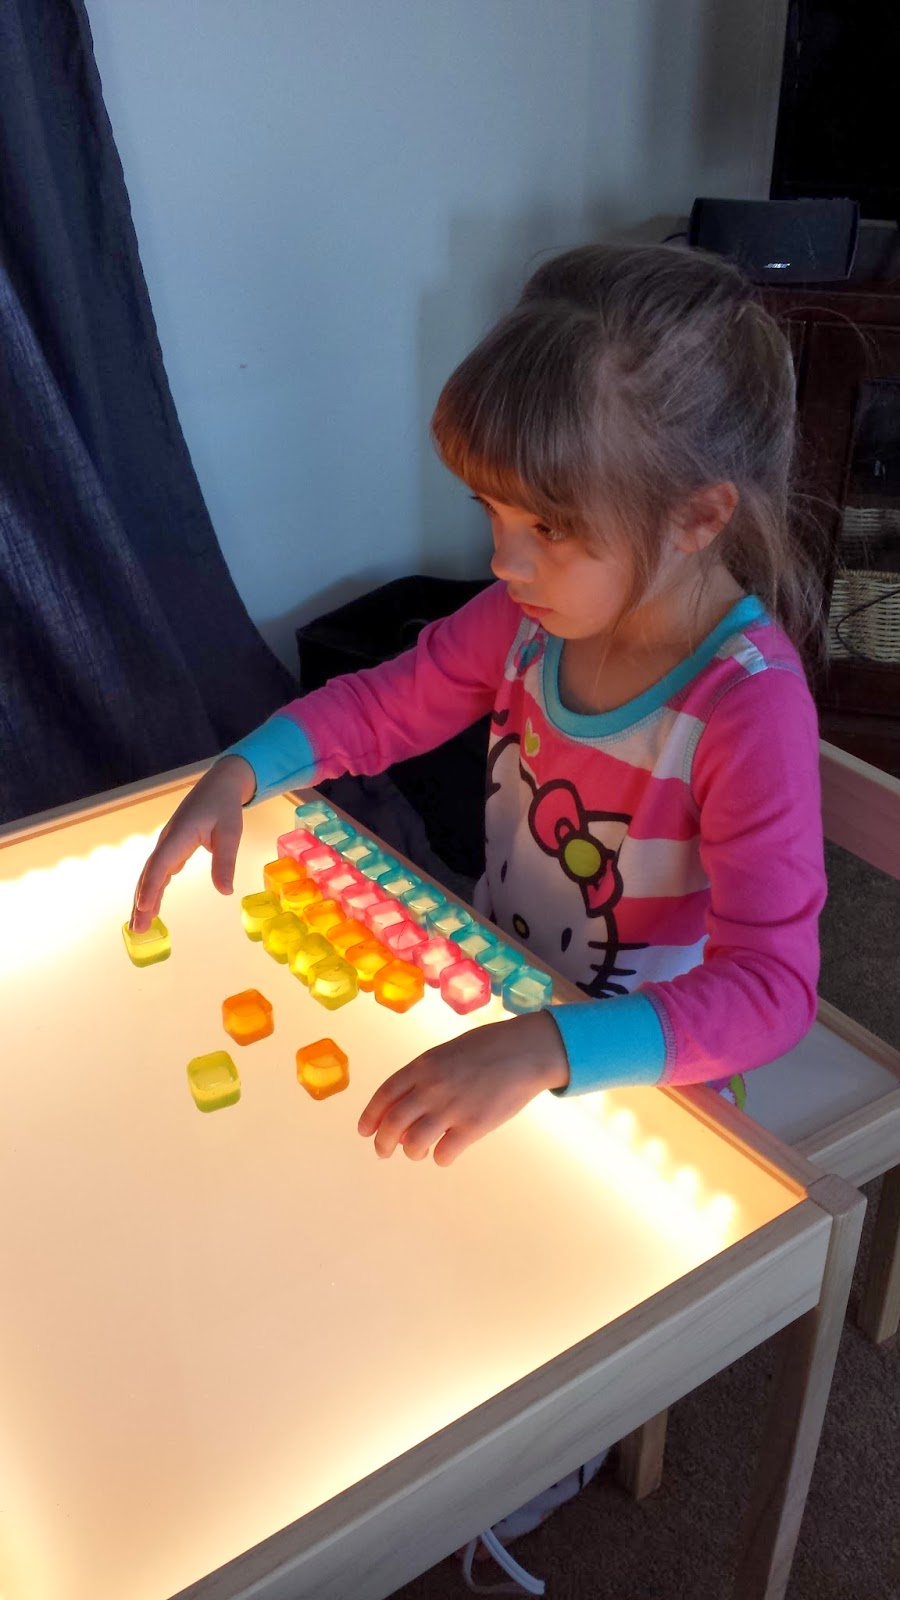 Il light panel lo strumento perfetto per imparare - Tavolino per bambini ikea ...